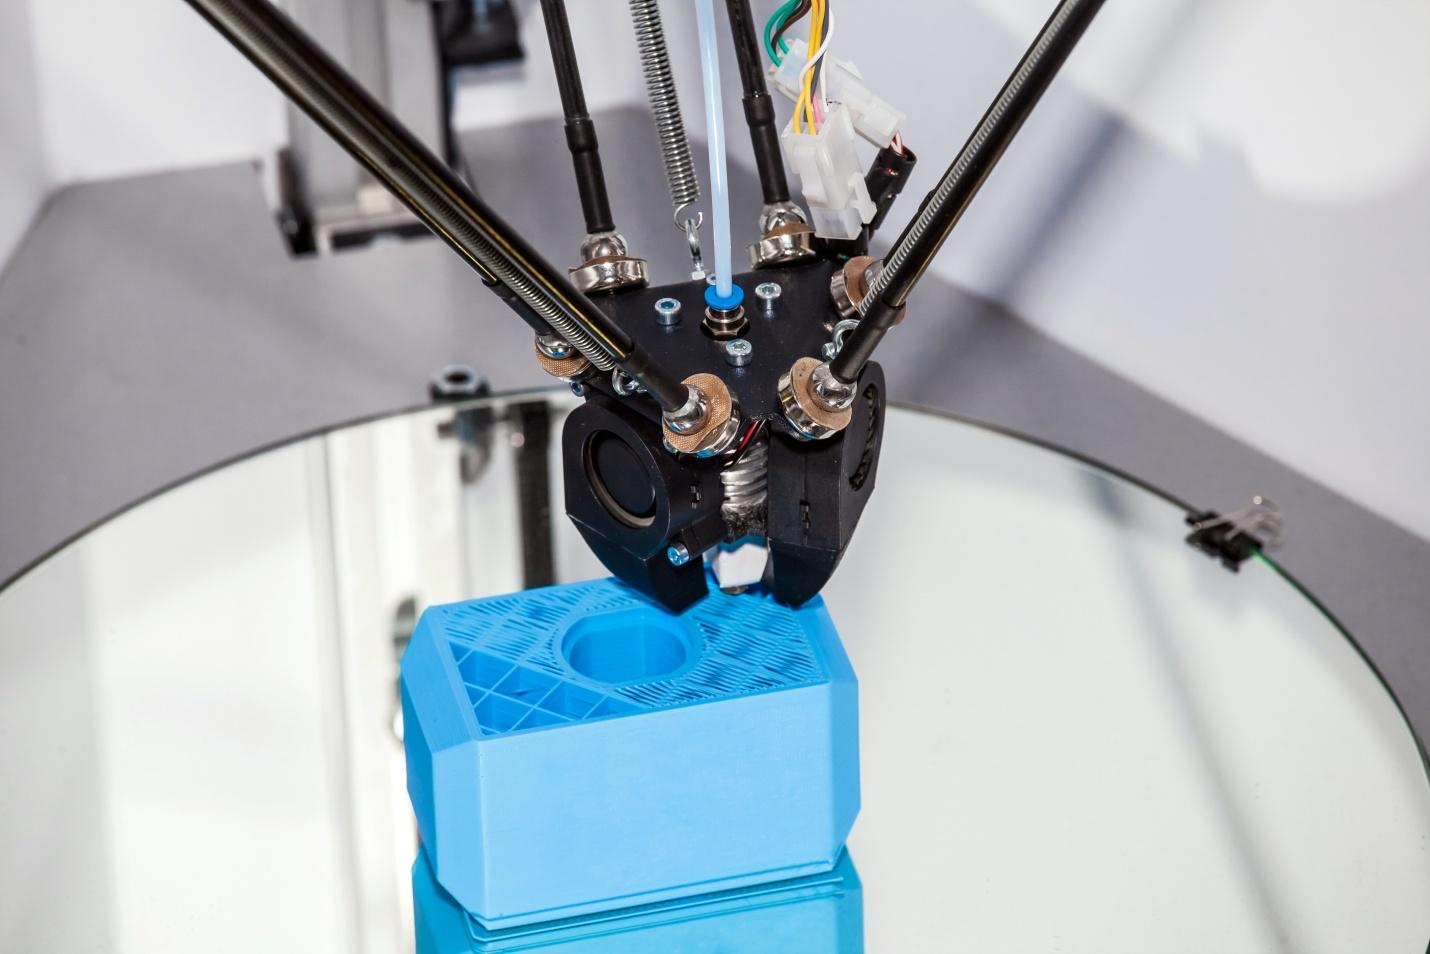 Tout ce que vous devez savoir : pièces de rechange fabriquées par les imprimantes 3D